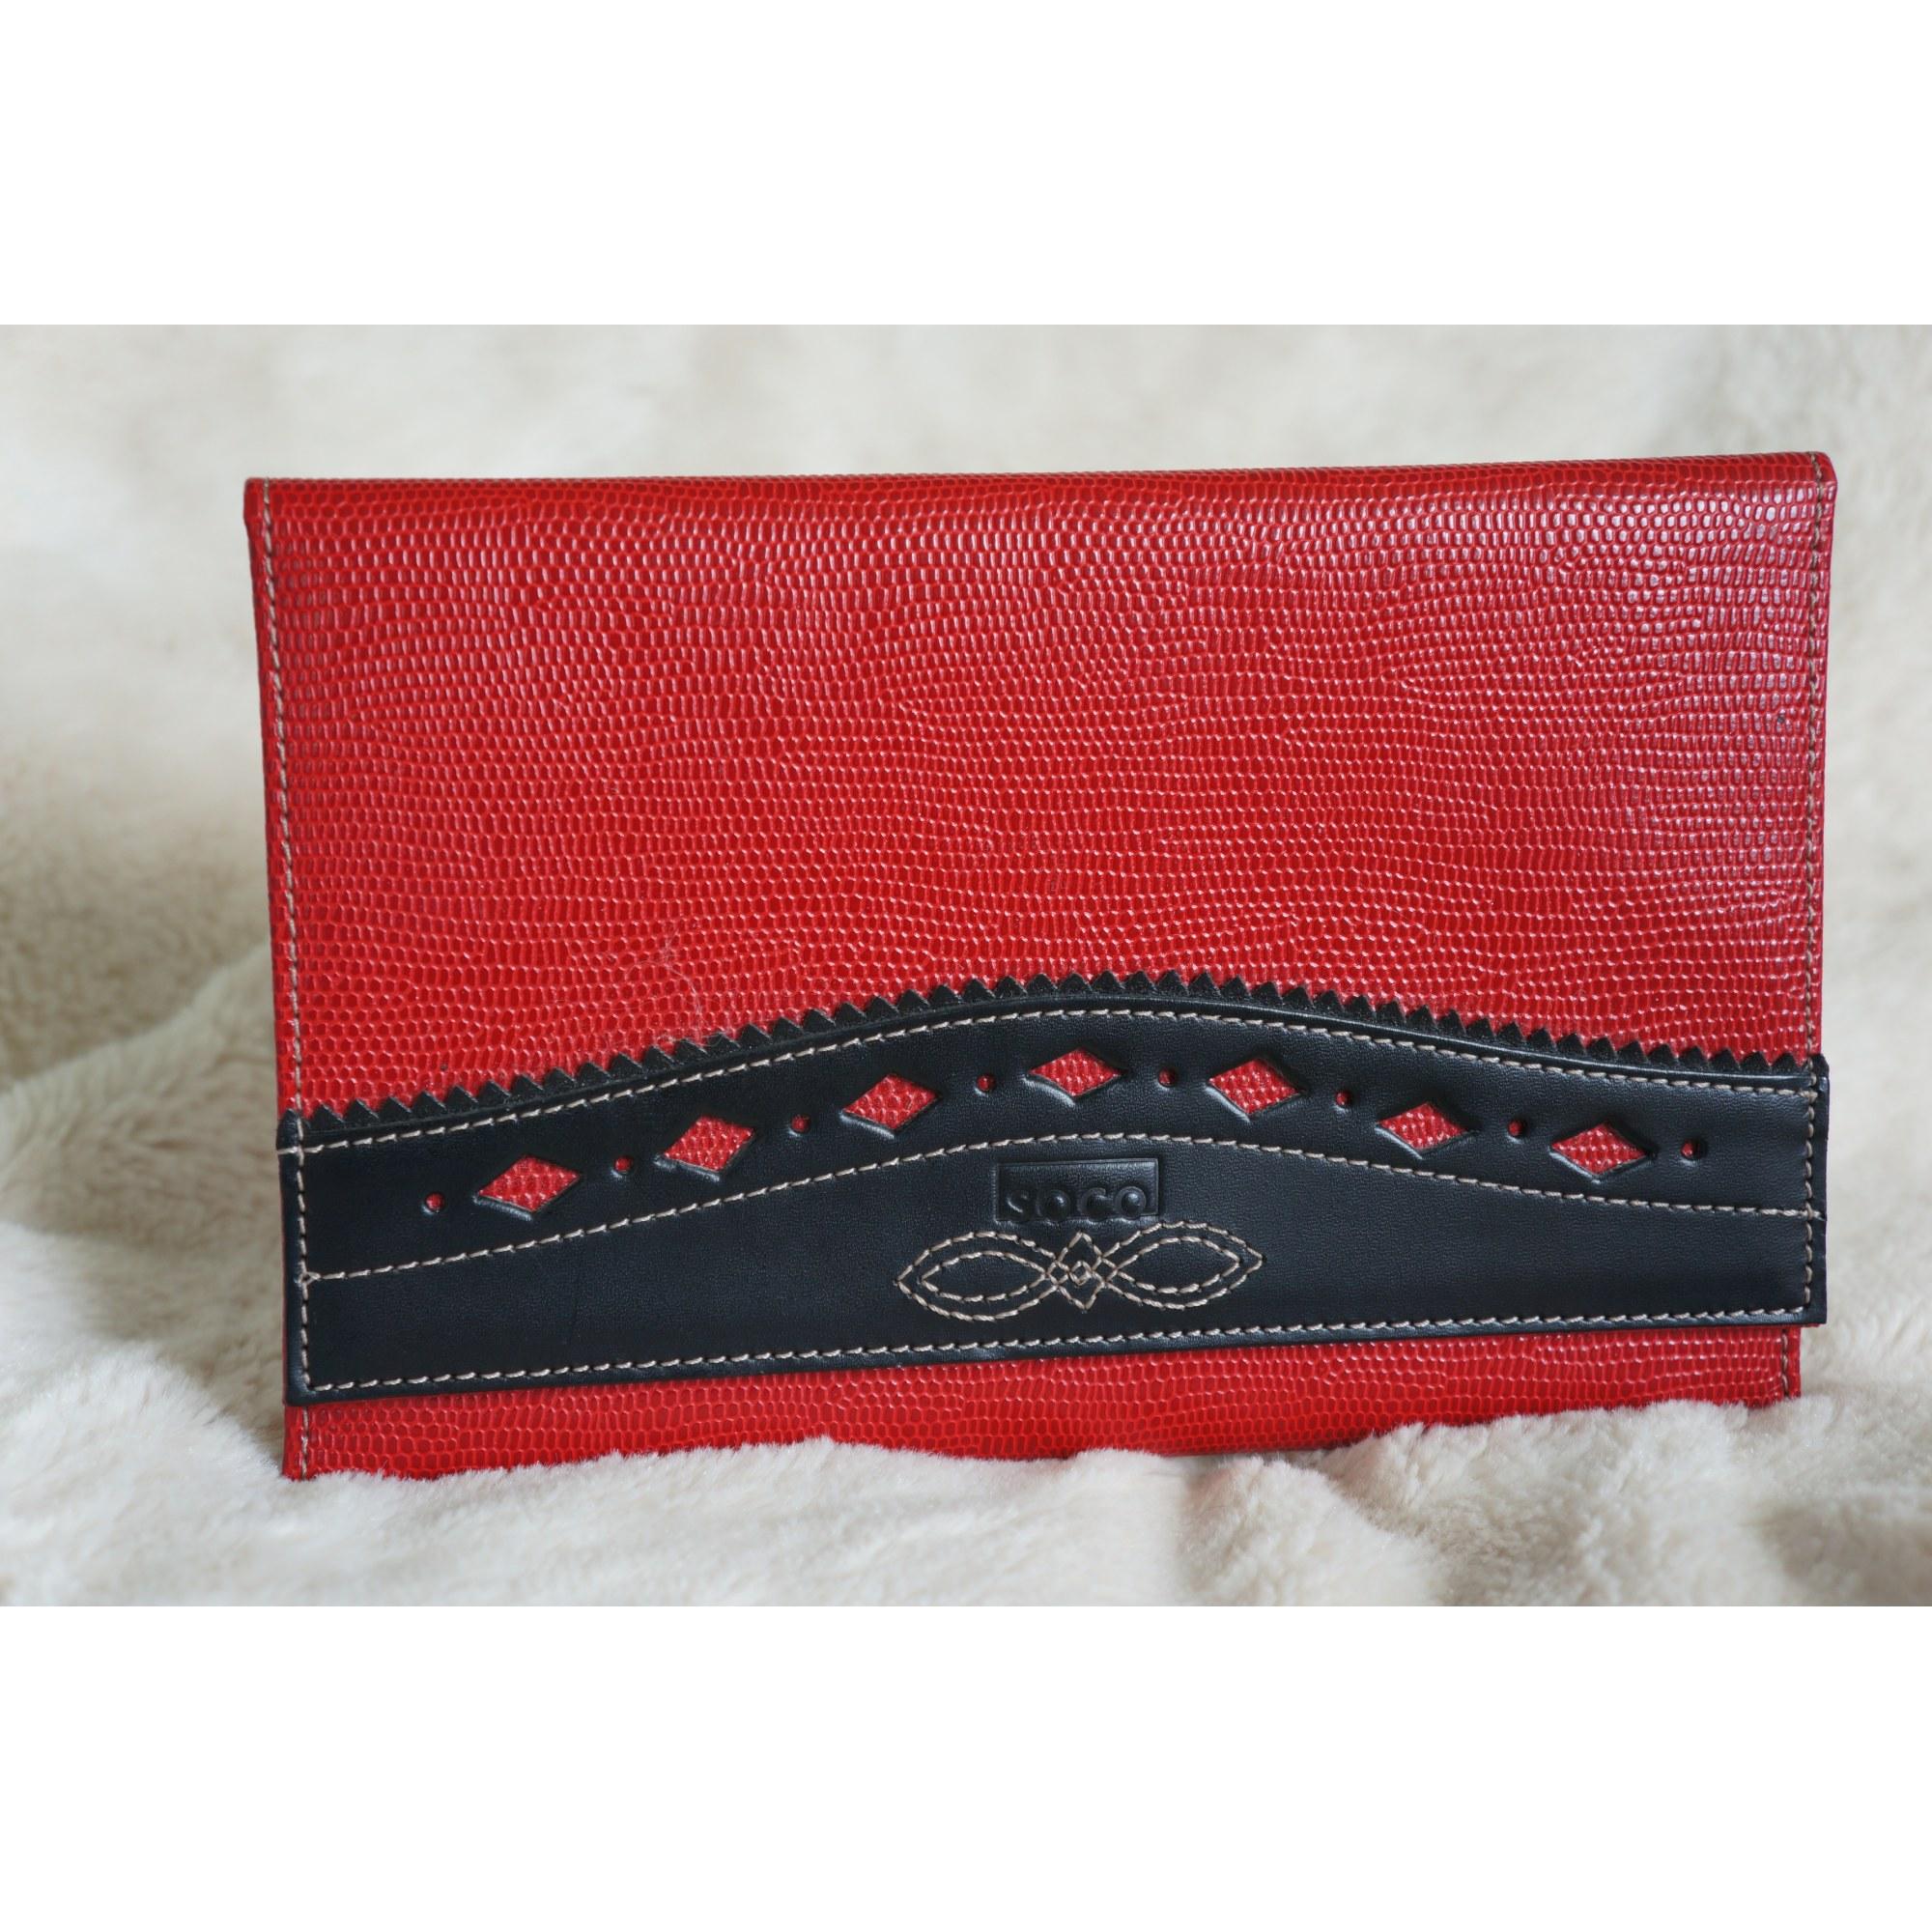 Porte-chéquier SOCO rouge vendu par Shopname430934 - 1501906 2ade07c7439